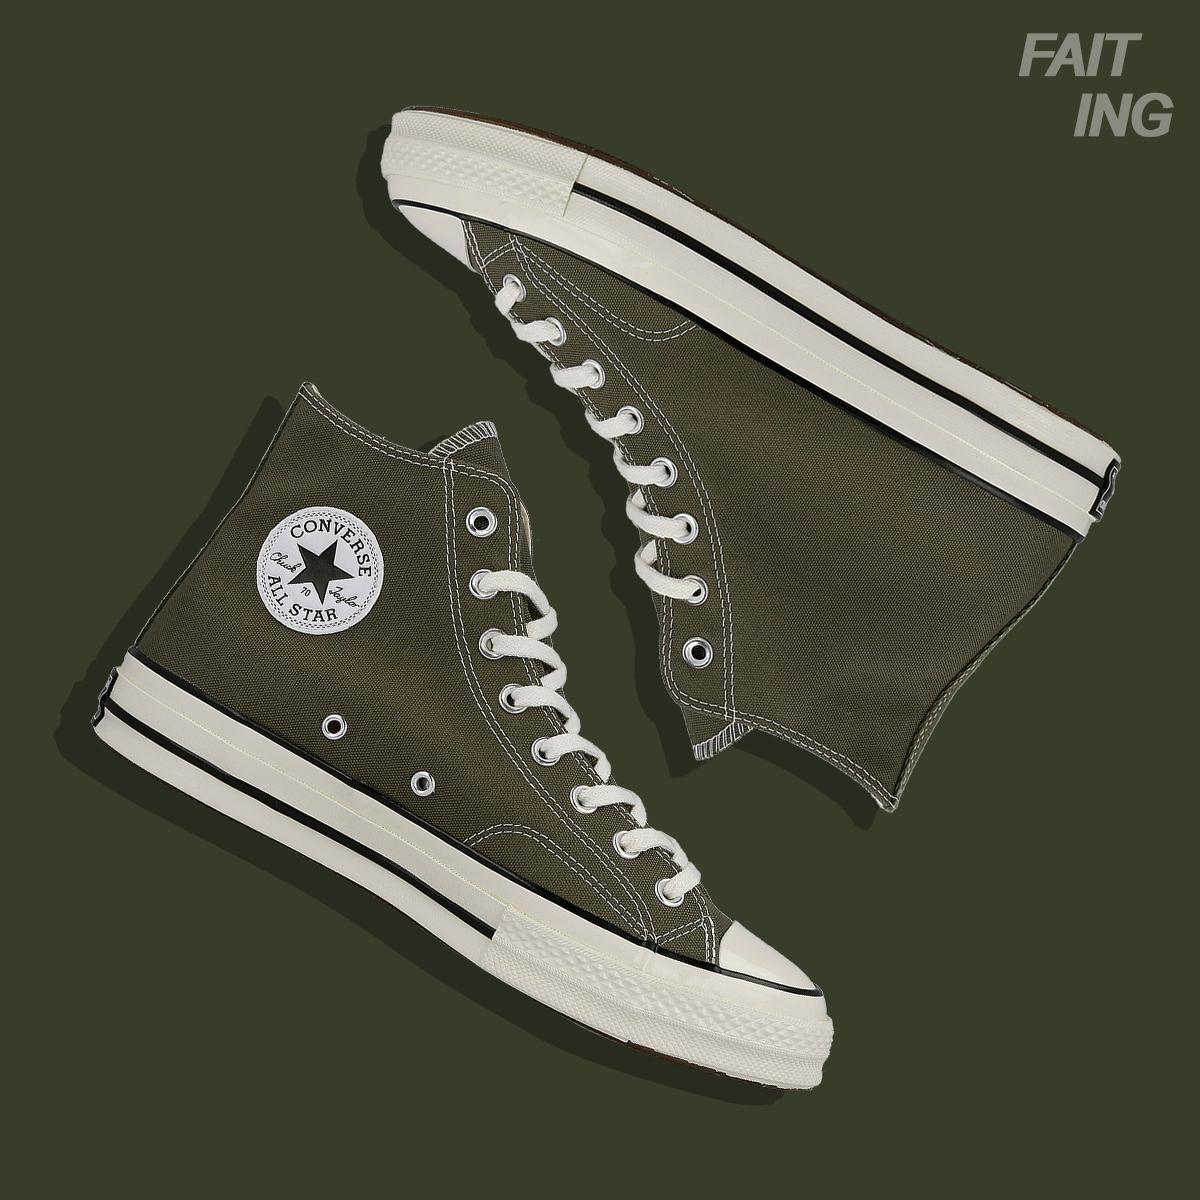 匡威CONVERSE 1970S三星标军绿色高帮新款男女帆布硫化鞋 162052C